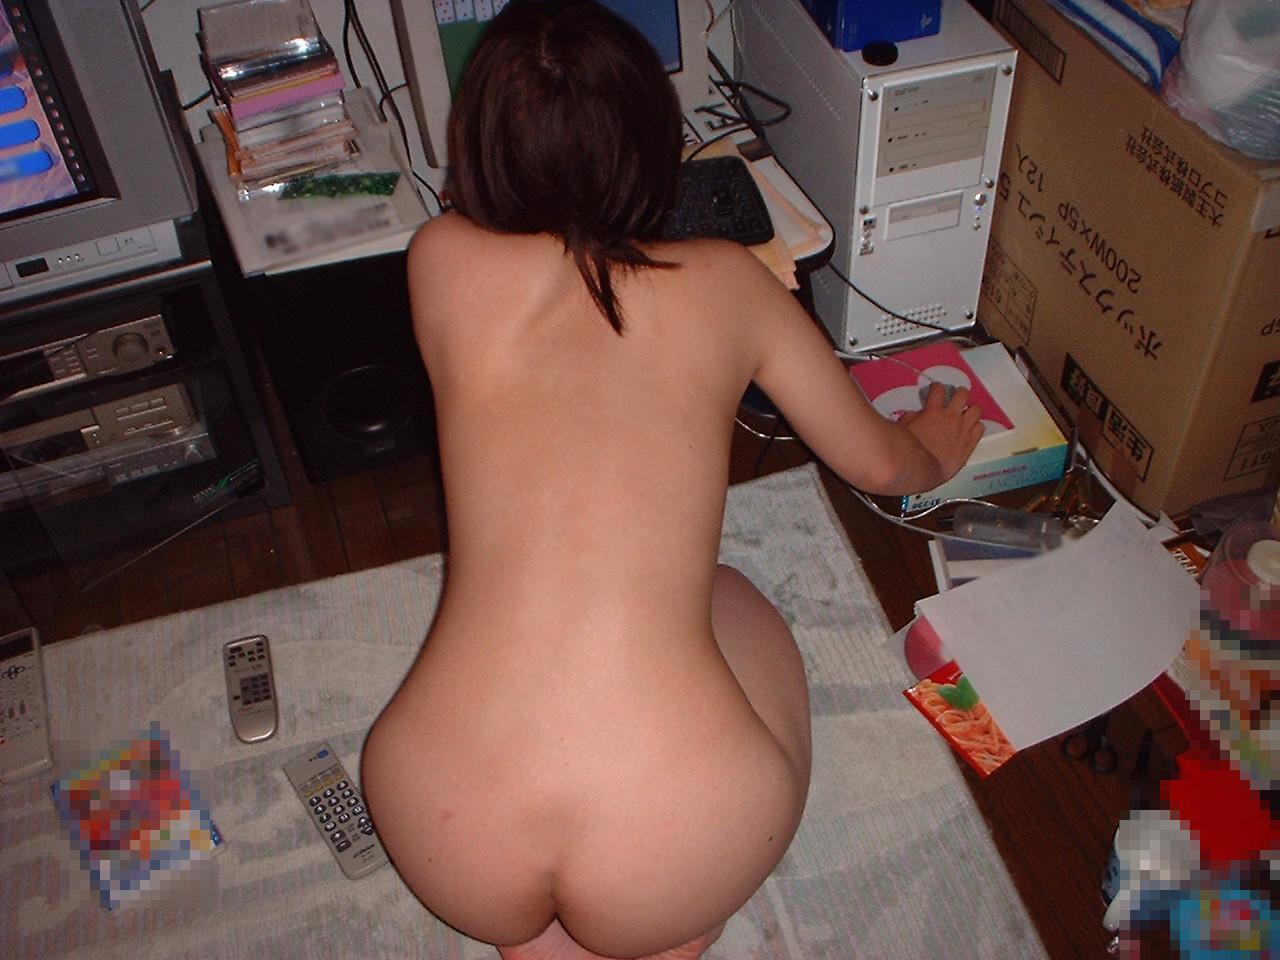 【家庭内エロ画像】パジャマぐらい着ましょう…PC依存ゆえの全裸待機www 12